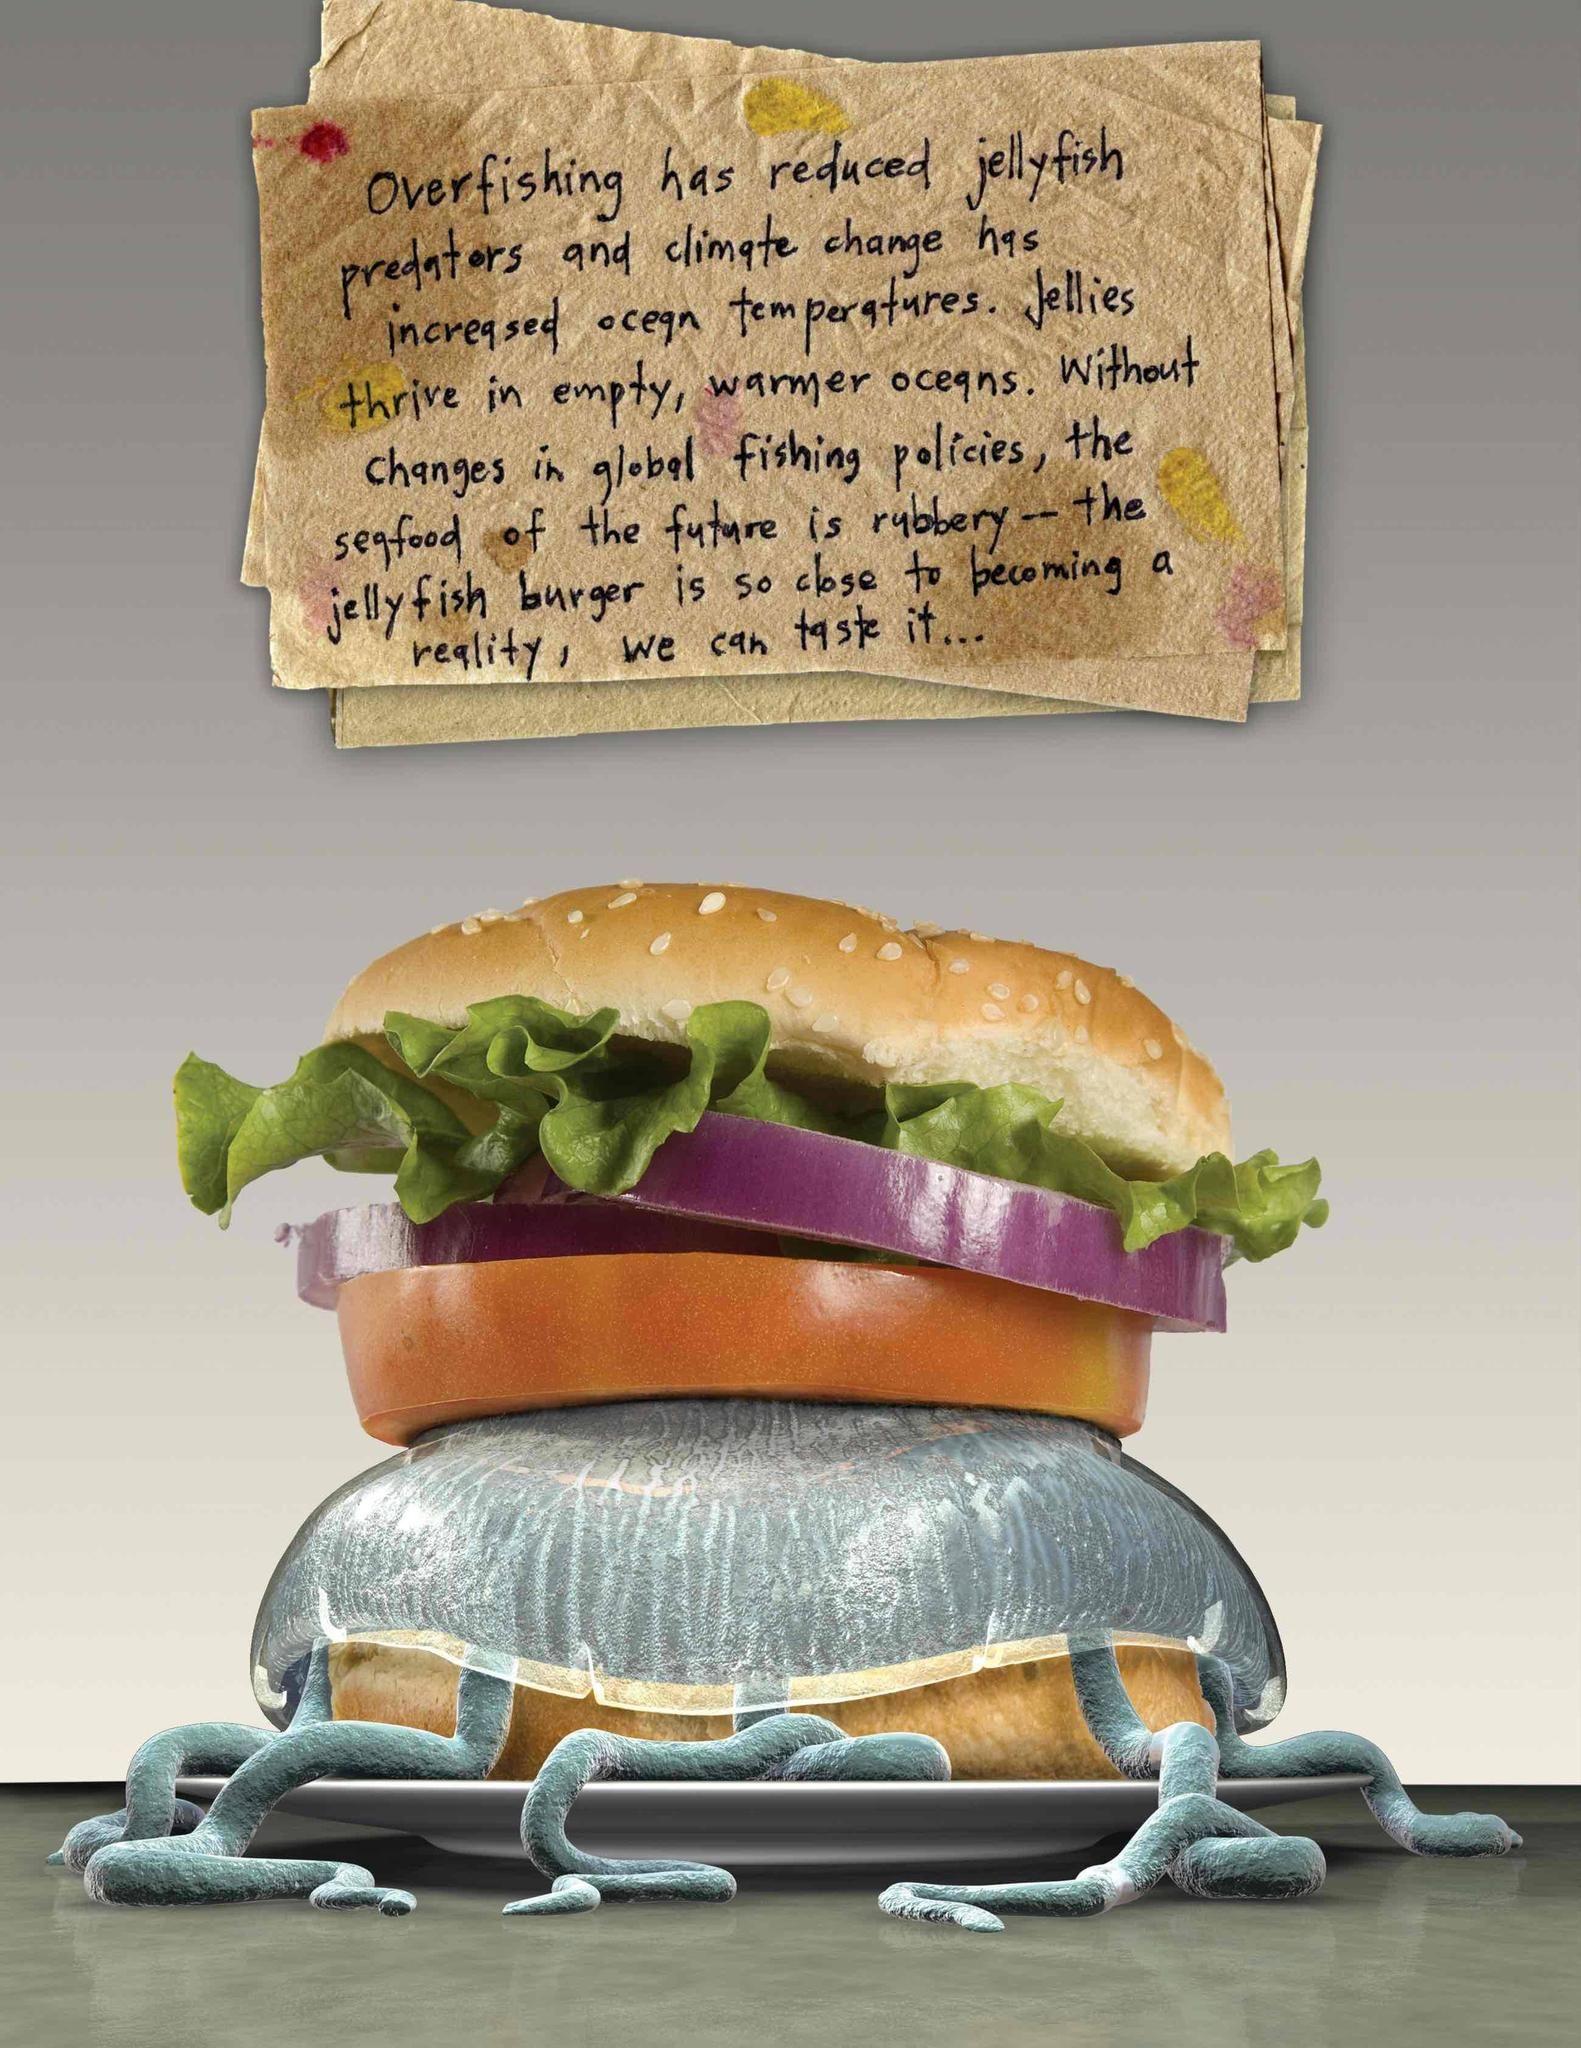 Quallenburger / Fisch / Fastfood / Kunstwettbewerb